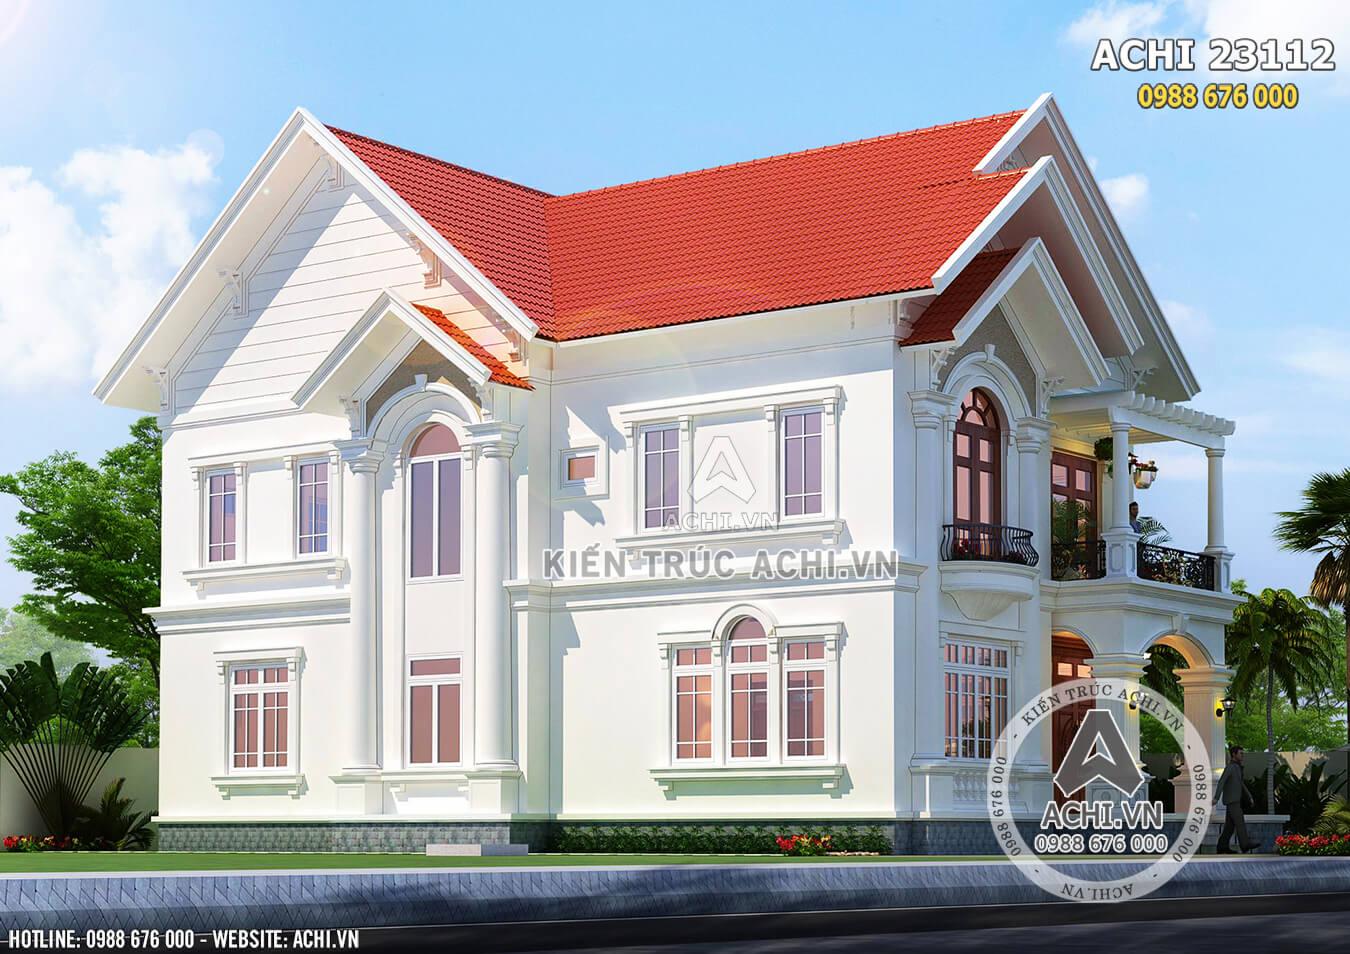 Ngôi nhà nổi bật giữa vùng nông thôn với kiến trúc Pháp sang trọng